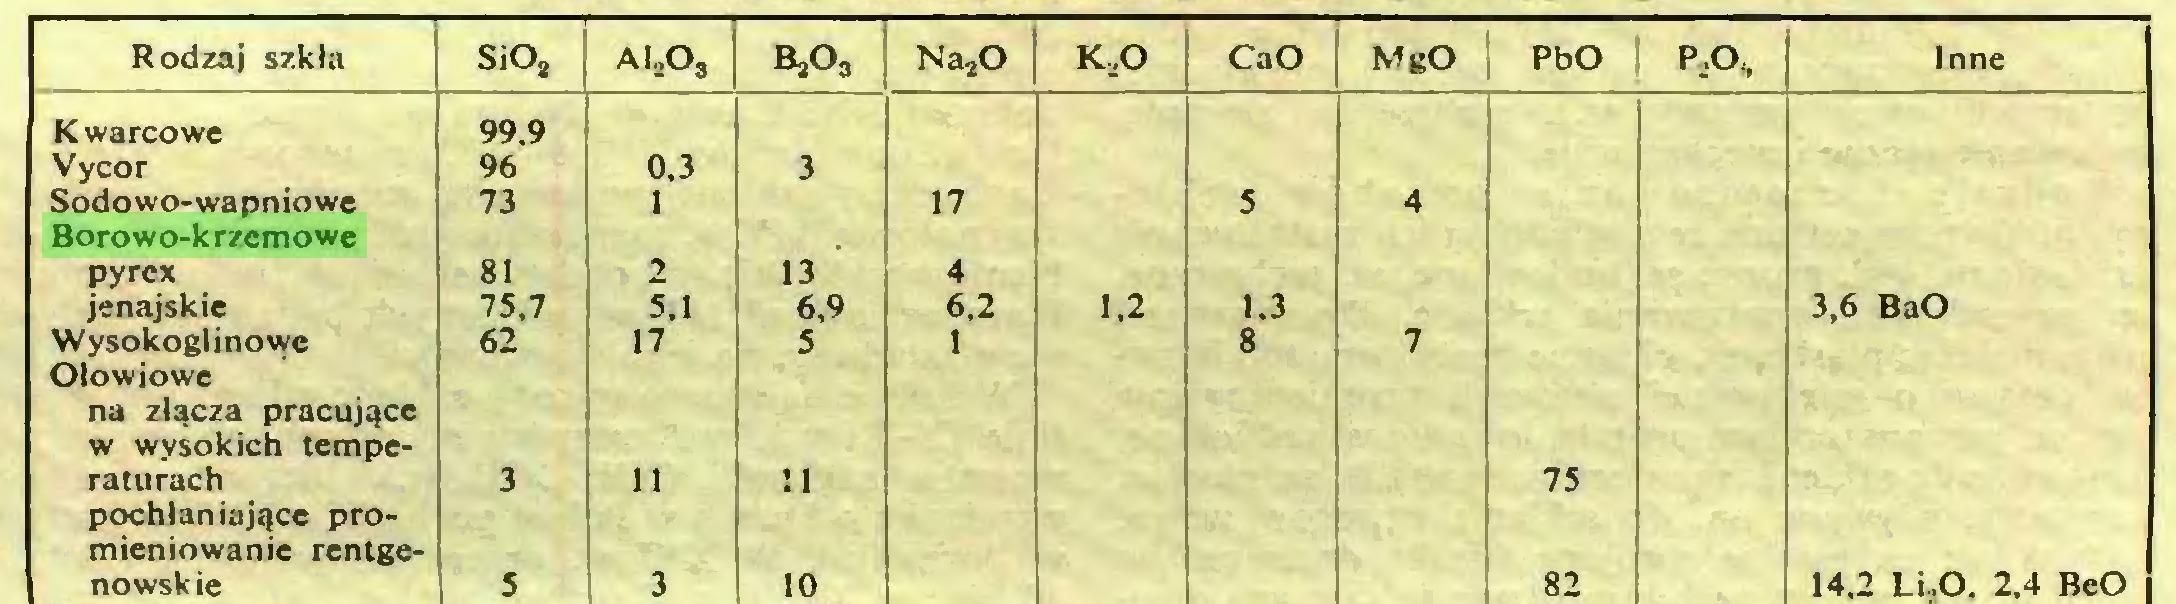 (...) Rodzaj szkła SiO, AIA, 8,03 Na20 K.jO CaO MgO PbO P.O,, Inne Kwarcowe 99.9 Vycor 96 0,3 3 Sodowo-wapniowe Borowo-krzemowe 73 1 17 5 4 pyrex 81 2 13 4 jenajskie 75.7 5, ł 6.9 6.2 1,2 1,3 3,6 BaO Wysokoglinowe Ołowiowe 62 17 5 1 8 7 na złącza pracujące w wvsokich temperaturach 3 11 11 75 pochłaniające promieniowanie rentgenowsk ic 5 3 10 82 14,2 Li .O. 2.4 BcO...